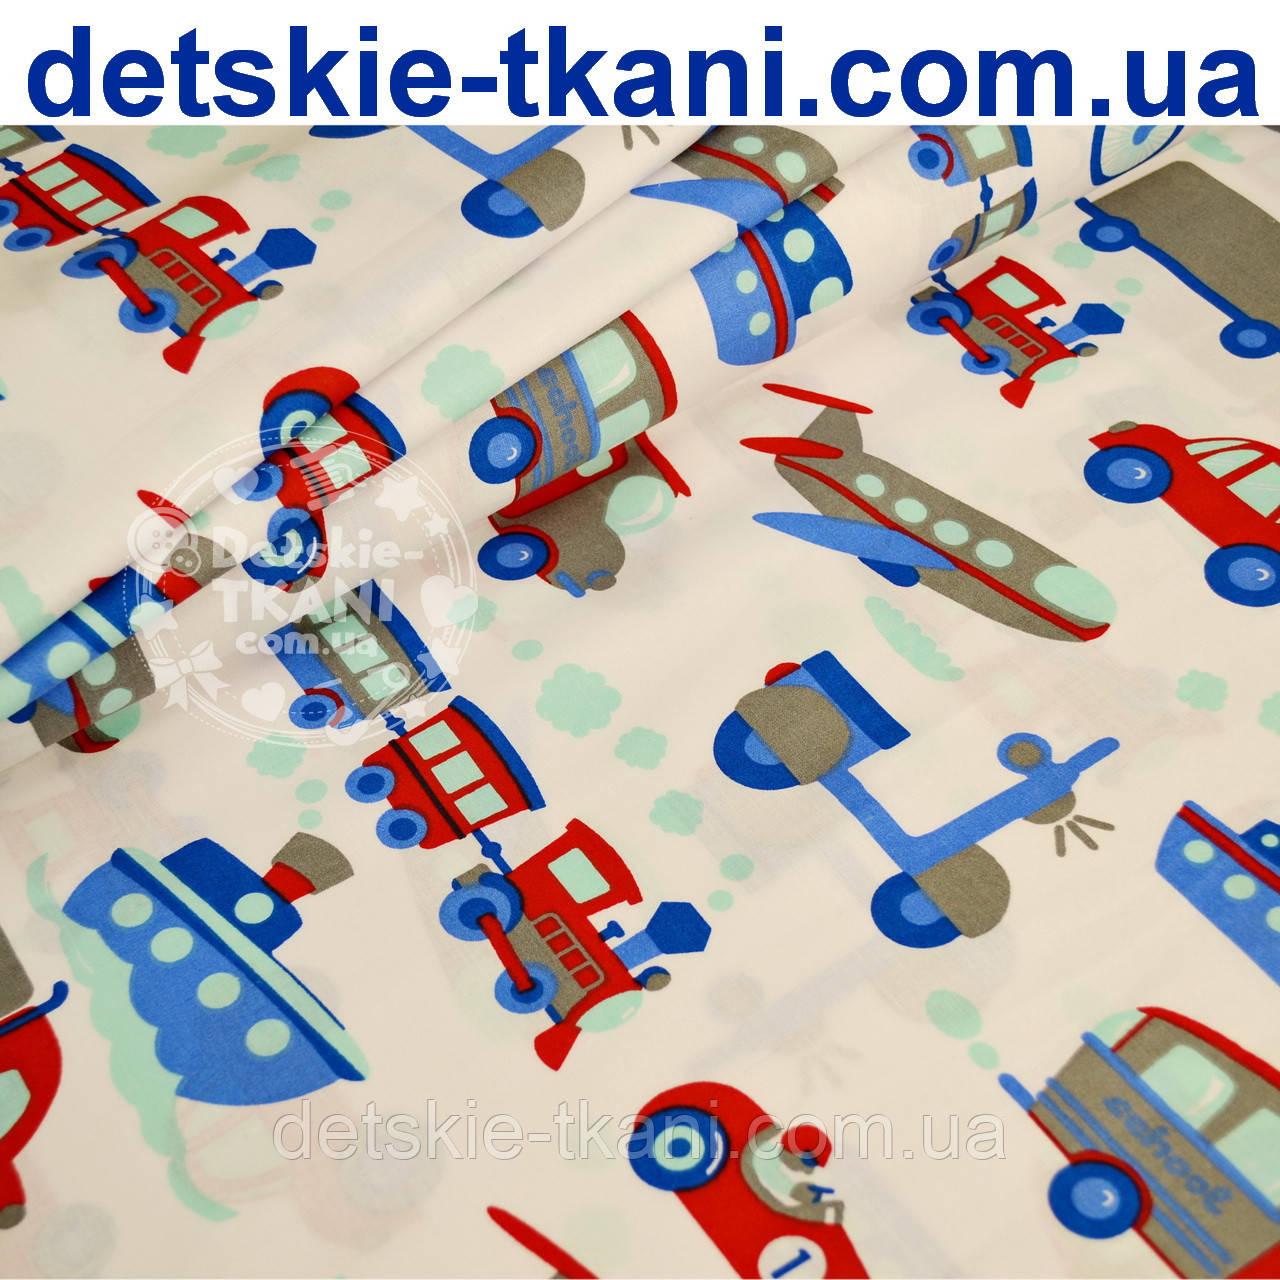 Ткань хлопковая с паровозами, самолётами и кораблями синего и красного цвета (№ 725а)